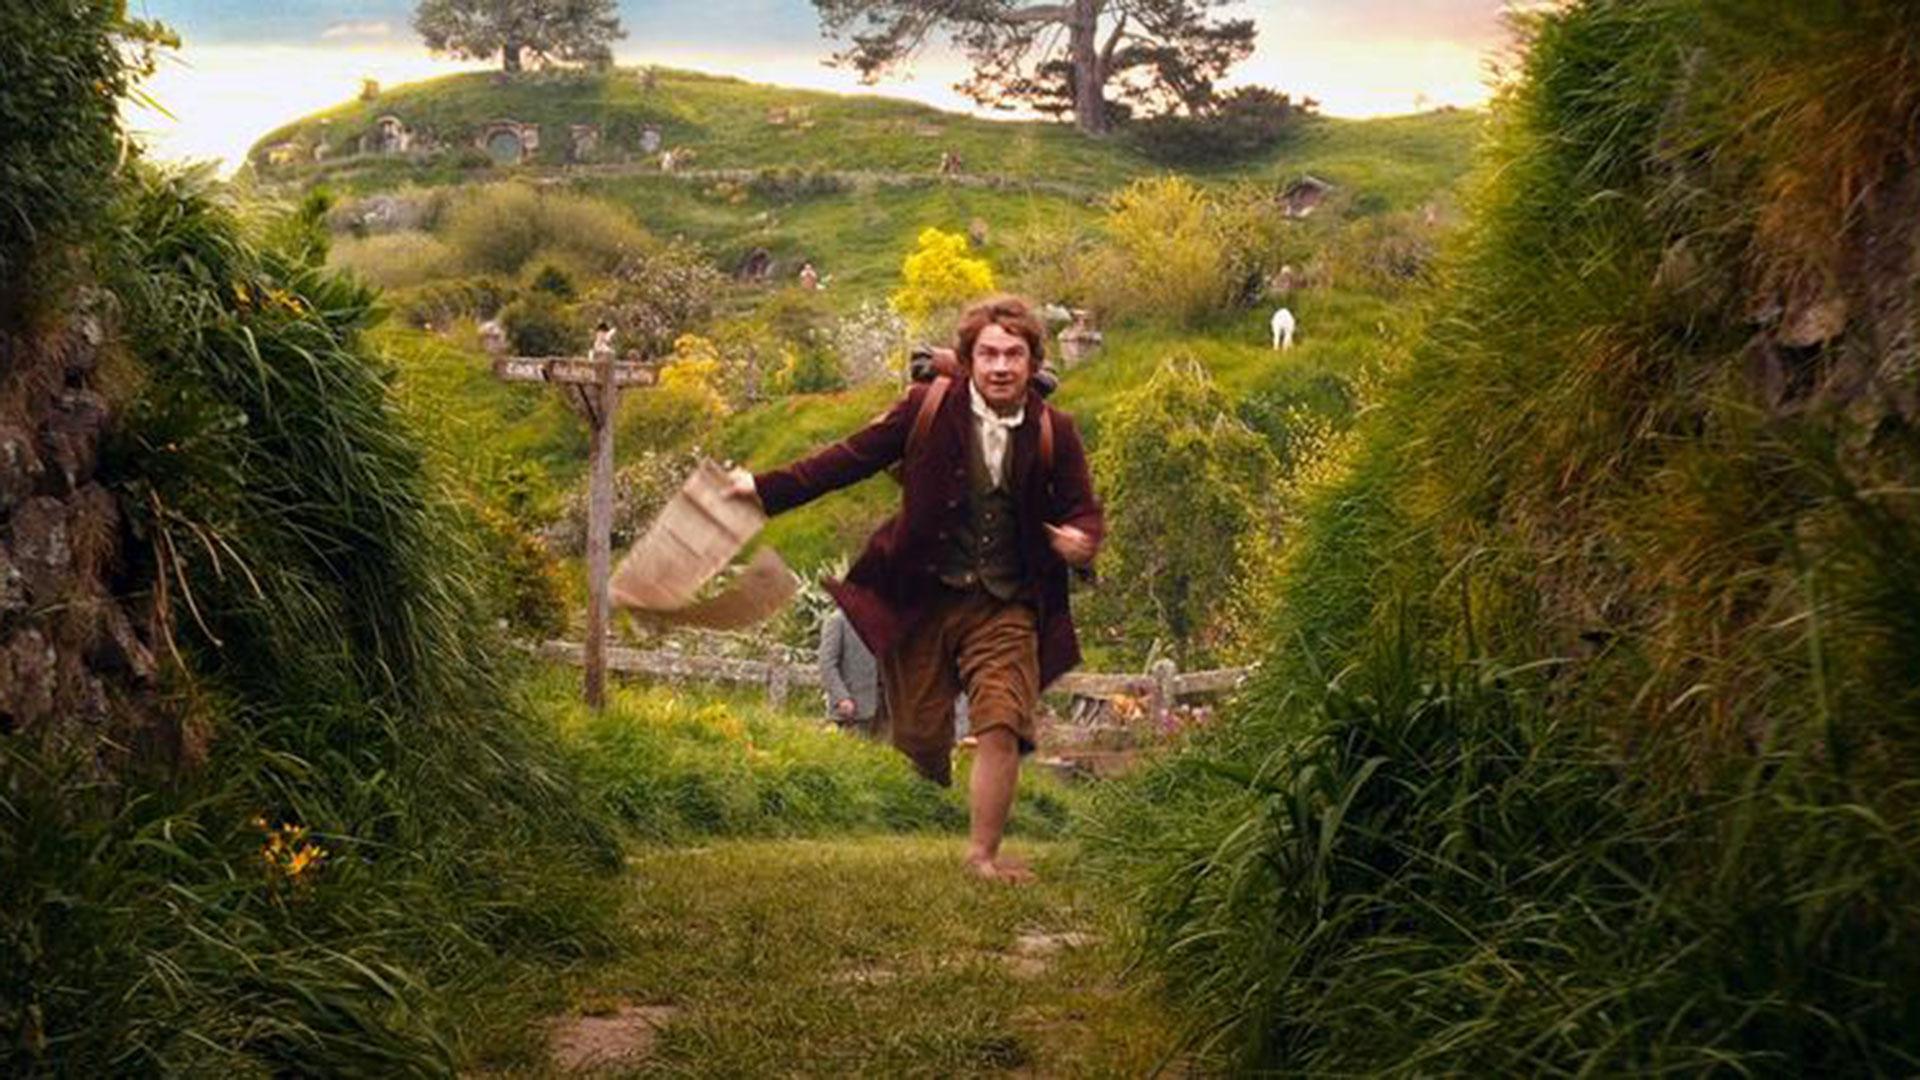 Tanto en la triología de El señor de los anillos y en El Hobbit aparecen las características casitas de Hobbiton.